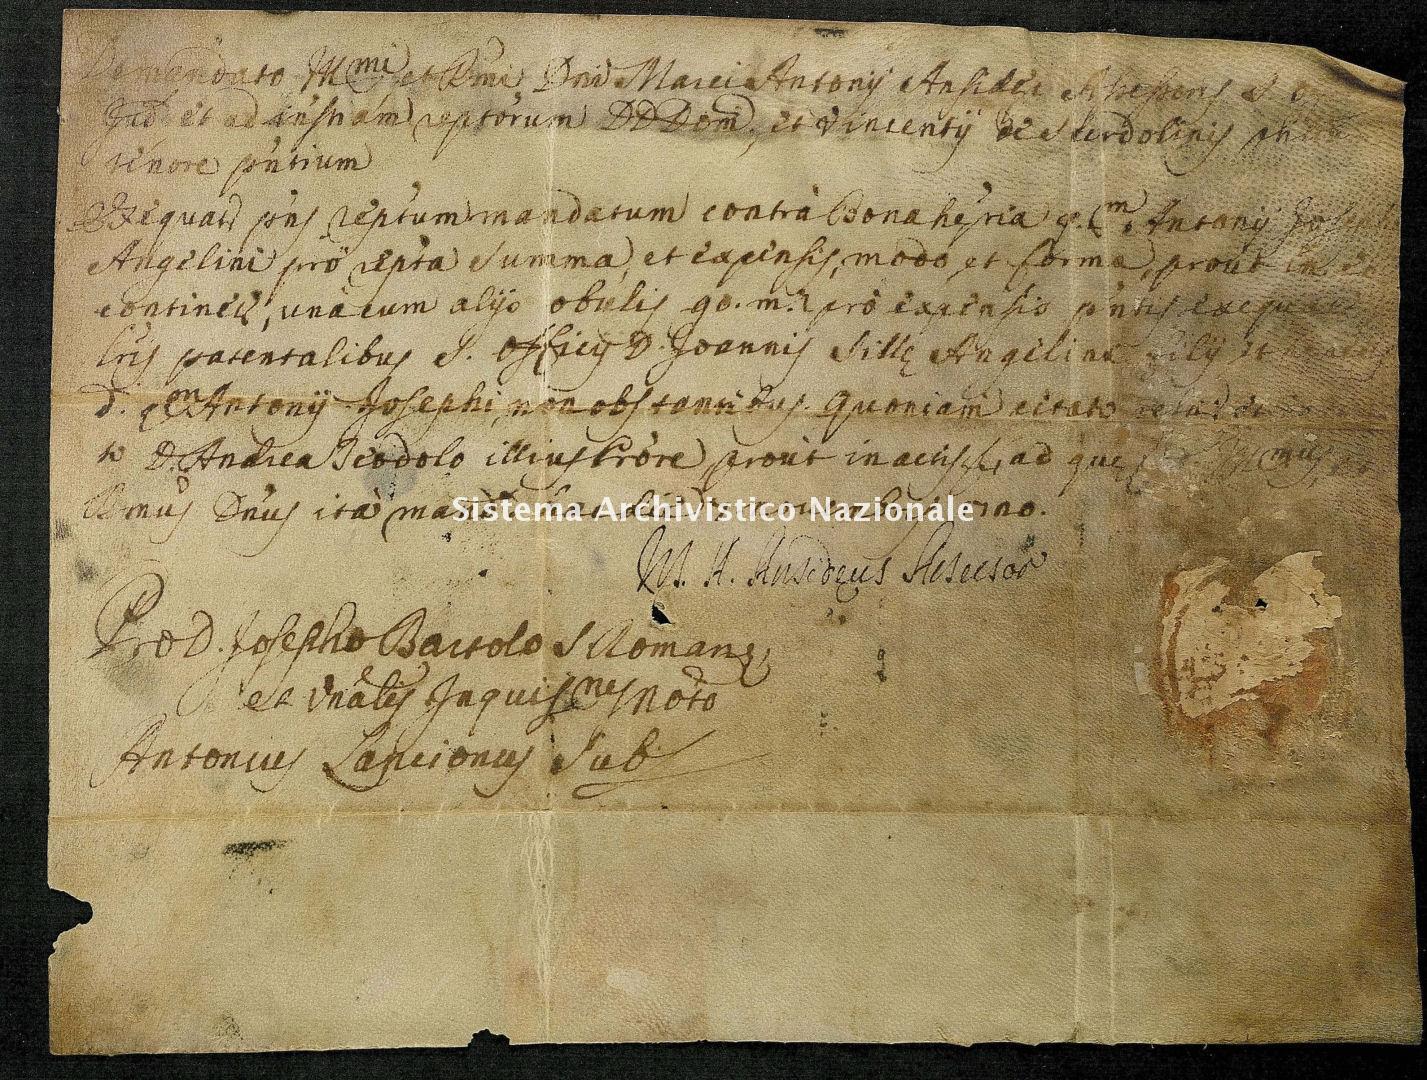 Comune preunitario di Monteleone di Spoleto, Monteleone di Spoleto (Perugia), Diplomatico, 1